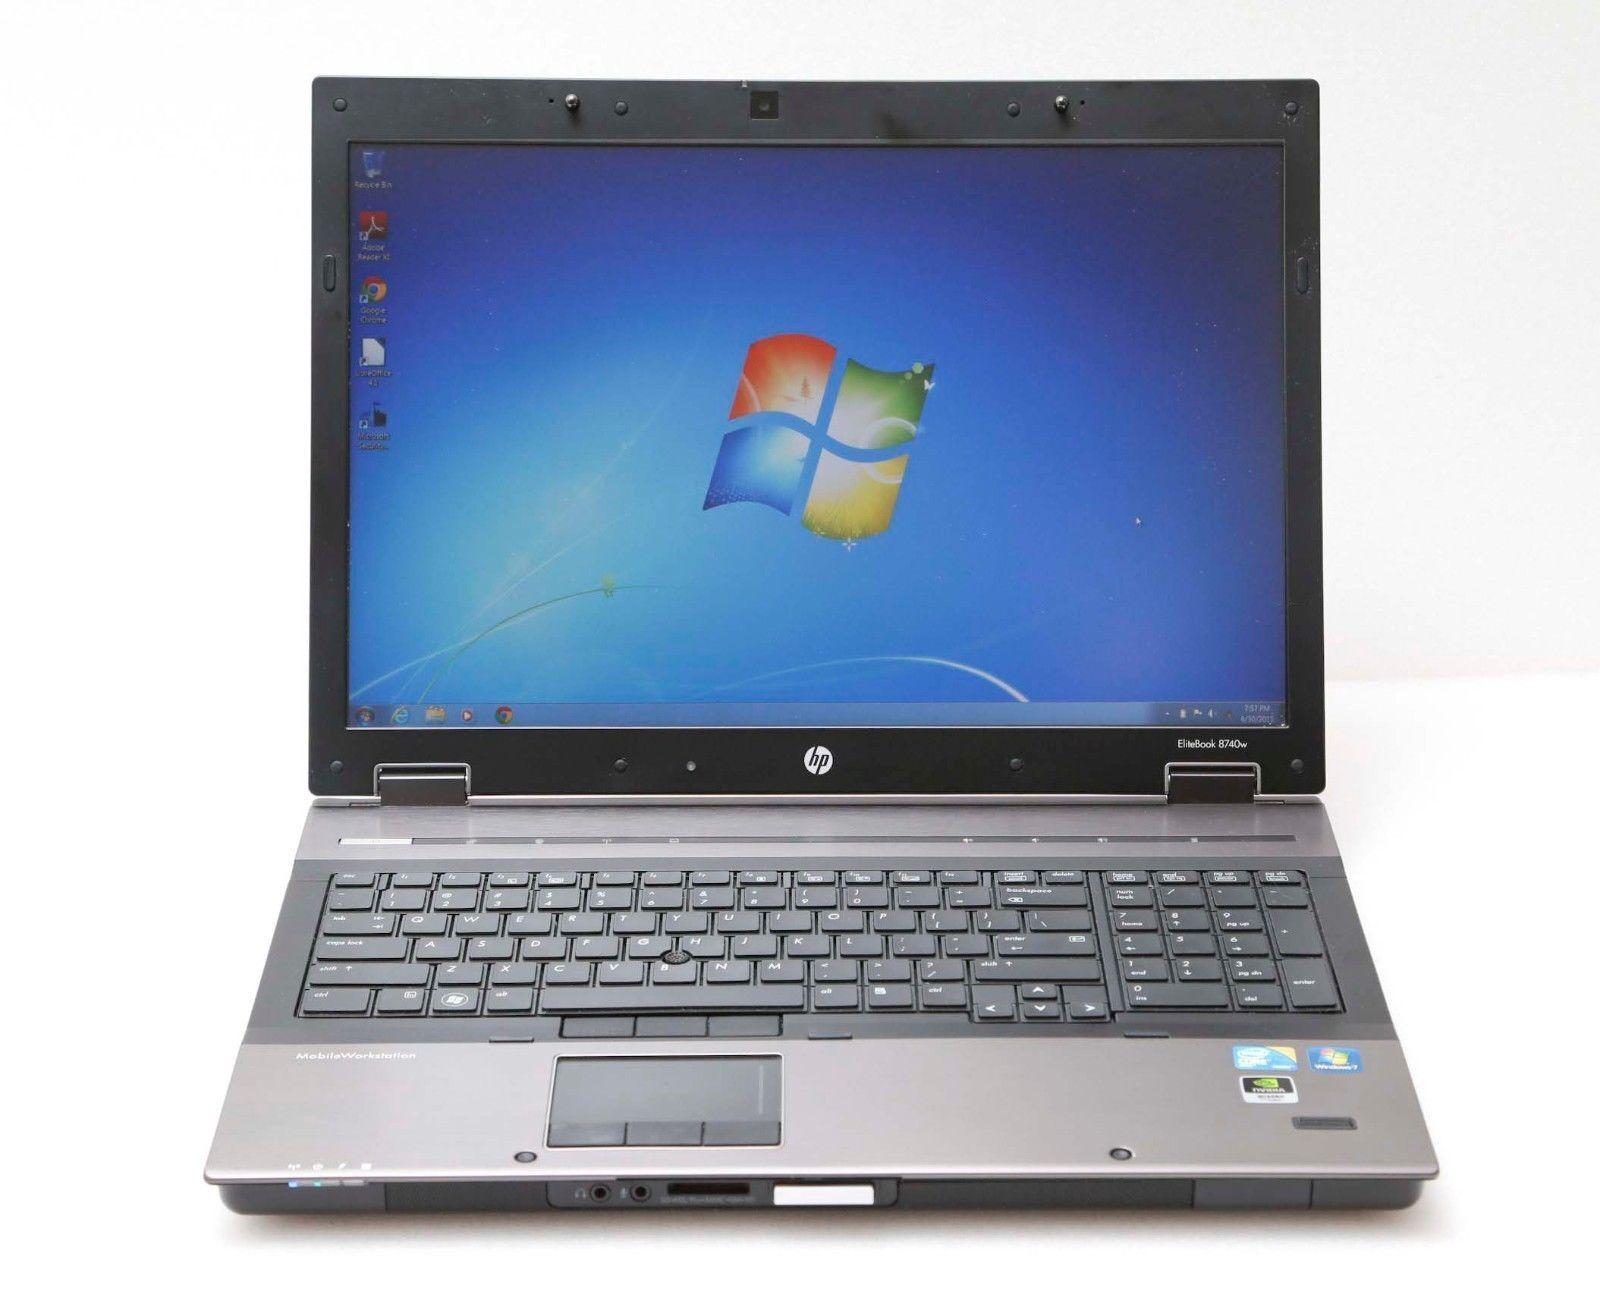 """HP EliteBook 8740w 17"""" Core i5 2.4GHz 4GB 1TB Win 7 ATI FirePro Gaming Laptop"""